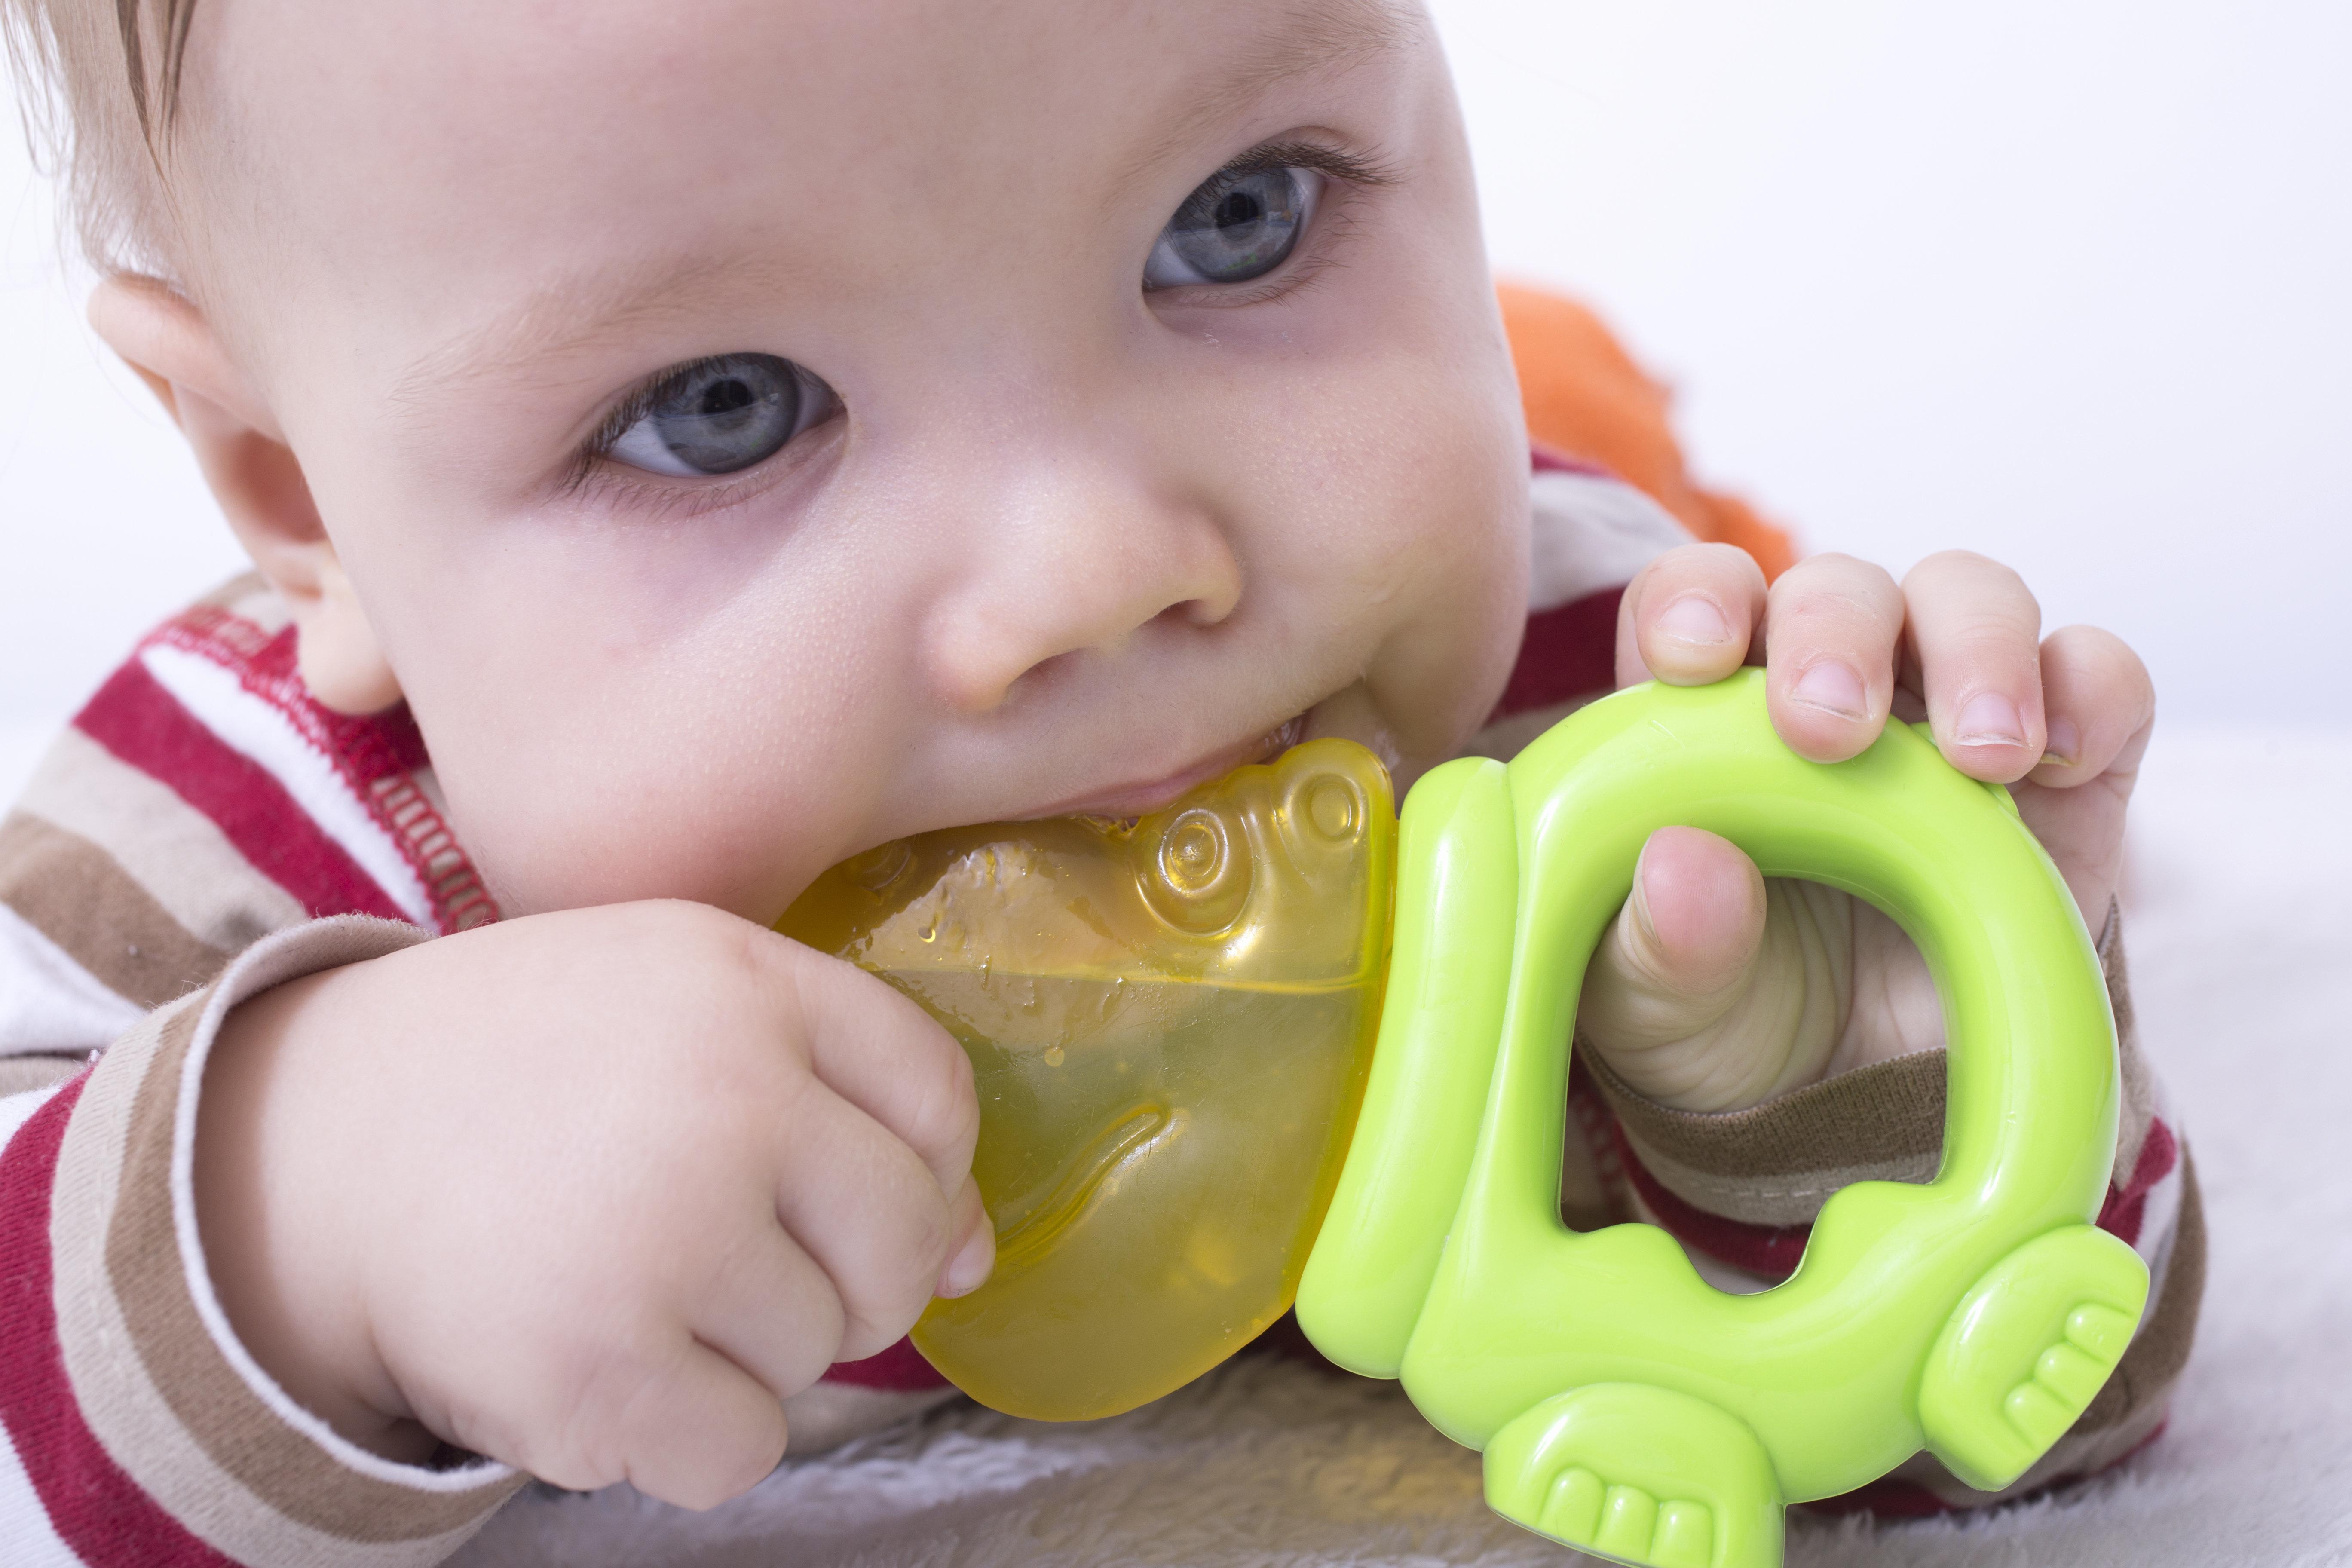 Os brinquedos que nossos filhos utilizam sempre contêm